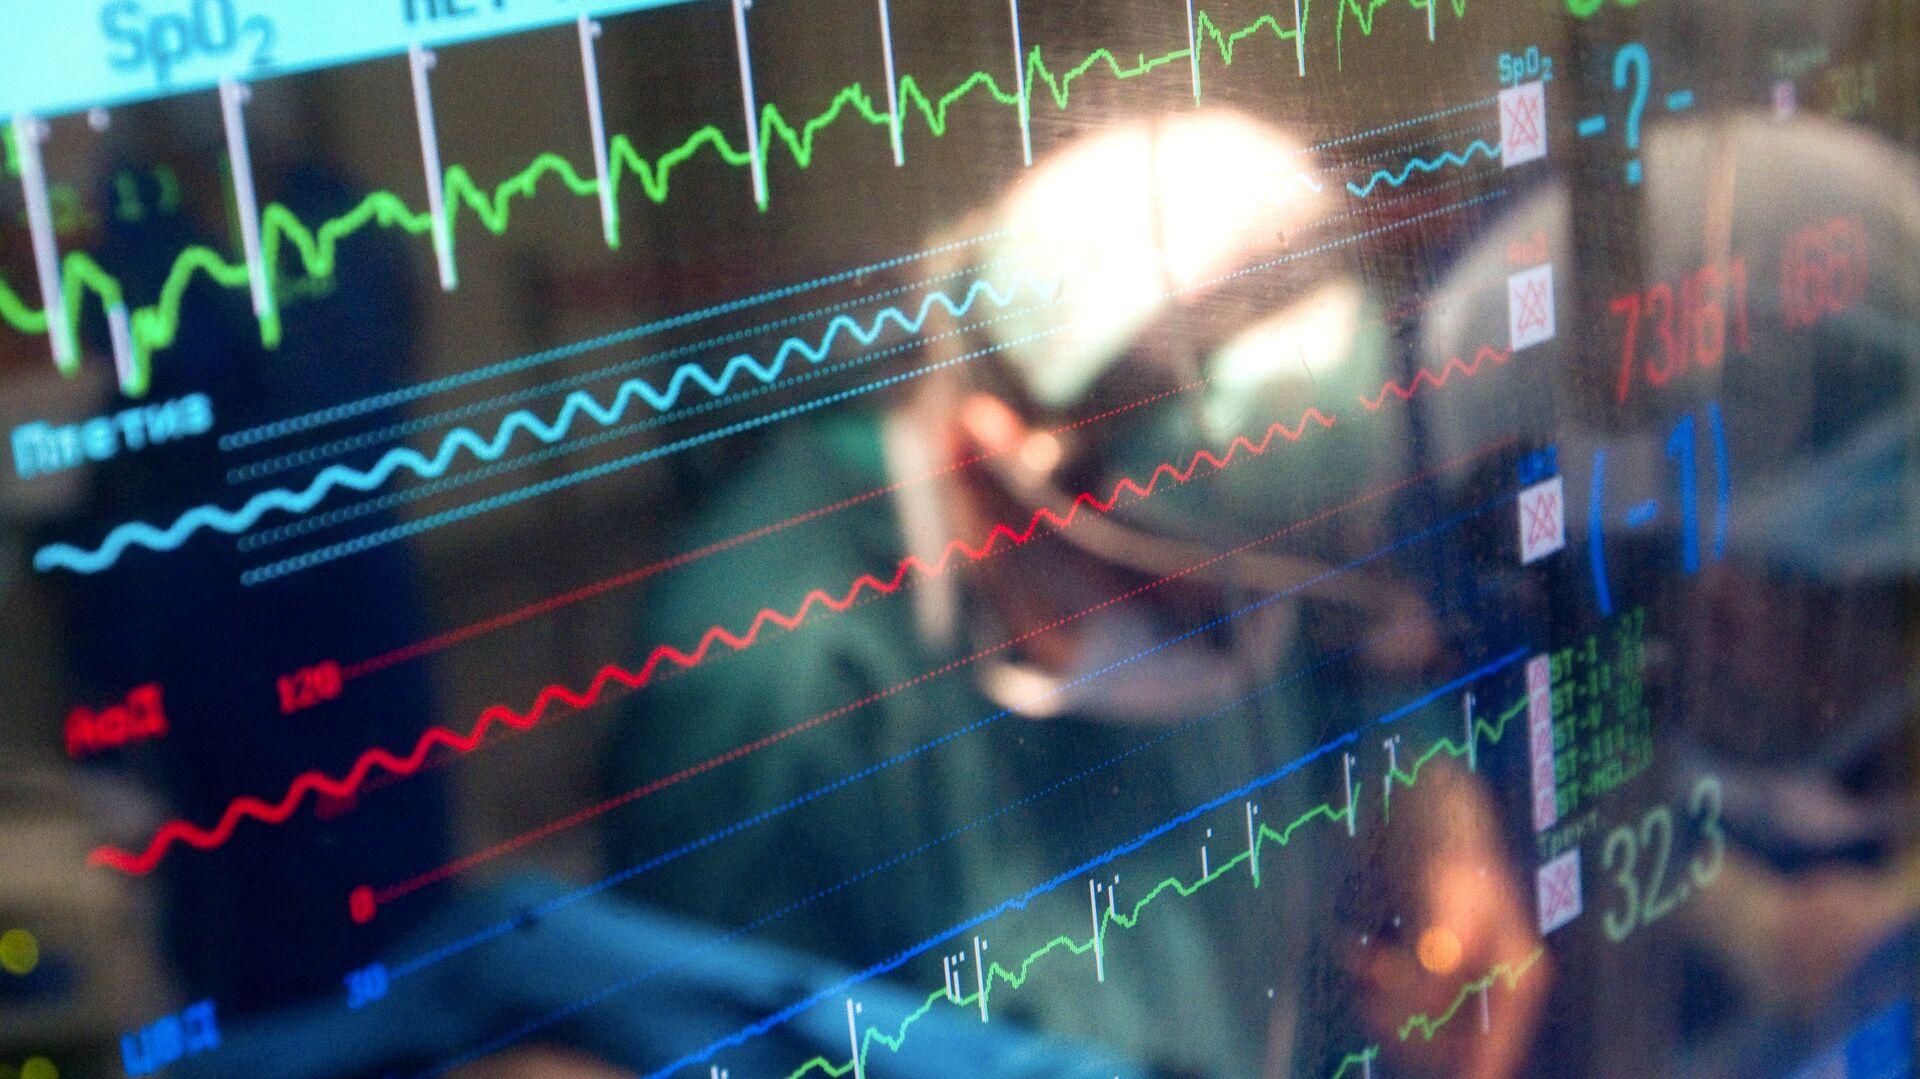 Операция по имплантации сердечного клапана в Научном центре сердечно-сосудистой хирургии им. А.Н. Бакулева - РИА Новости, 1920, 29.09.2021